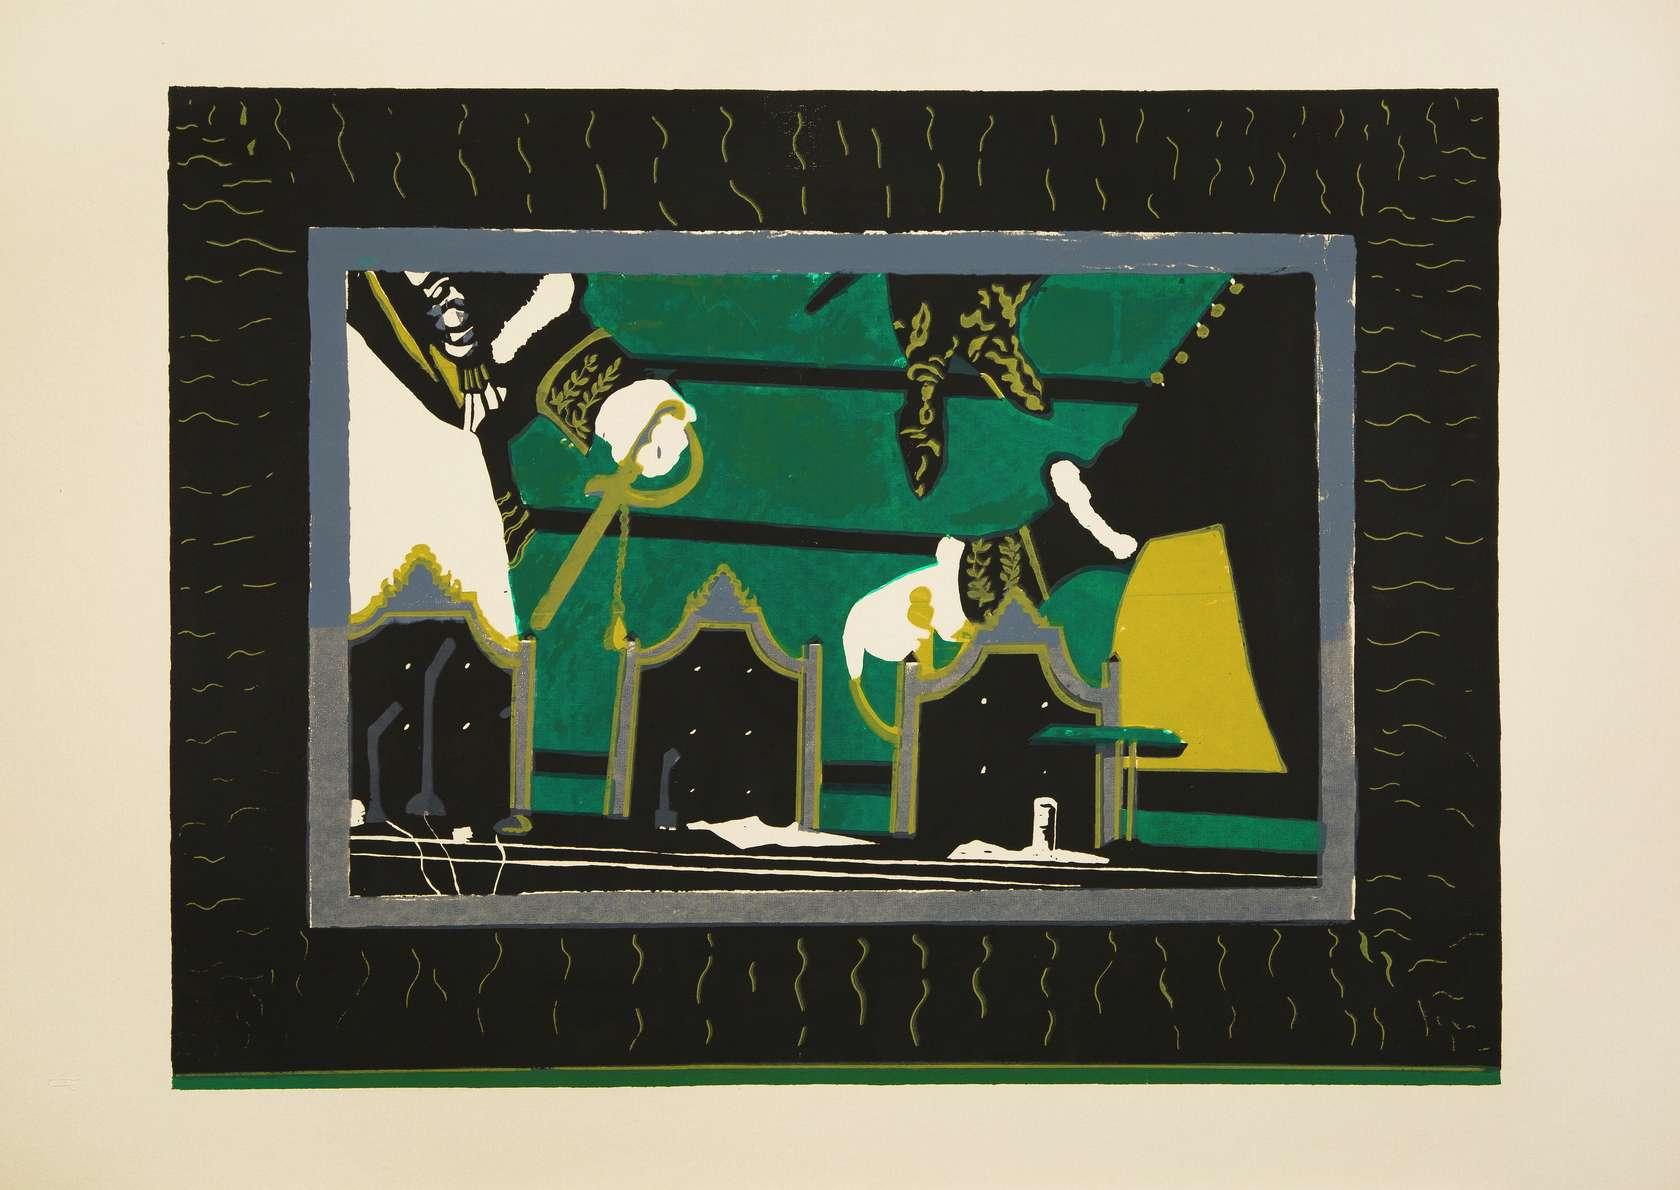 Beatriz González, Bodegón Colombiano, 1983 Sérigraphie sur papier67 × 96 cm / 26 3/8 × 37 6/8 in.